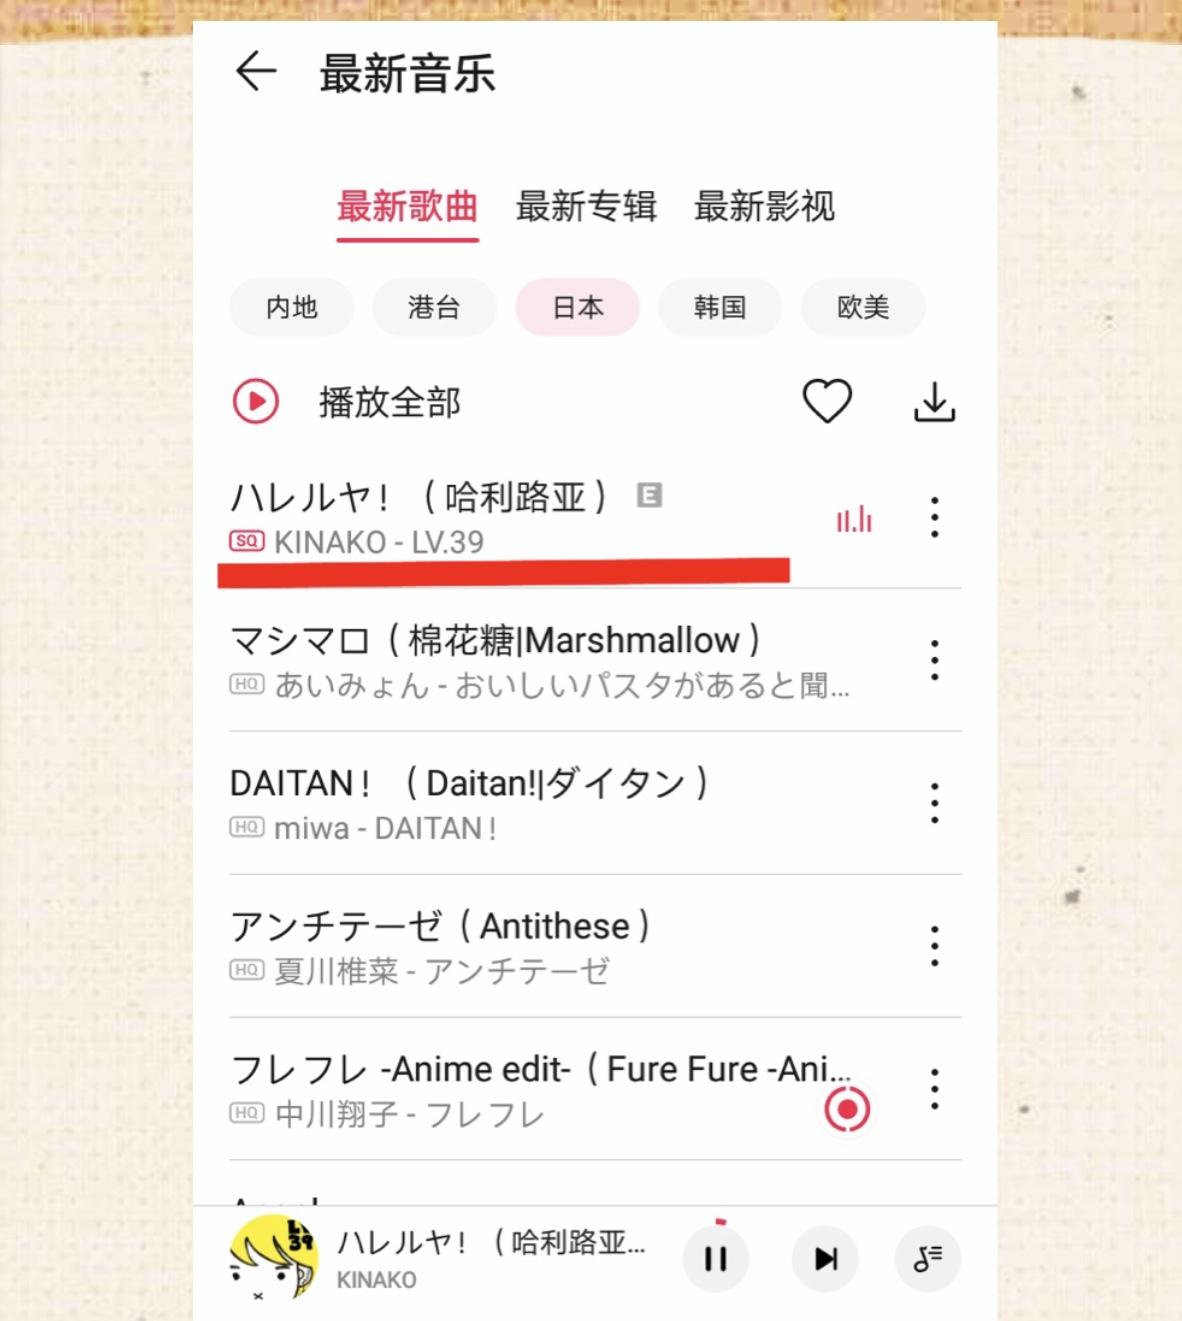 中国でキナコ楽曲配信開始!_f0115311_19003157.jpeg